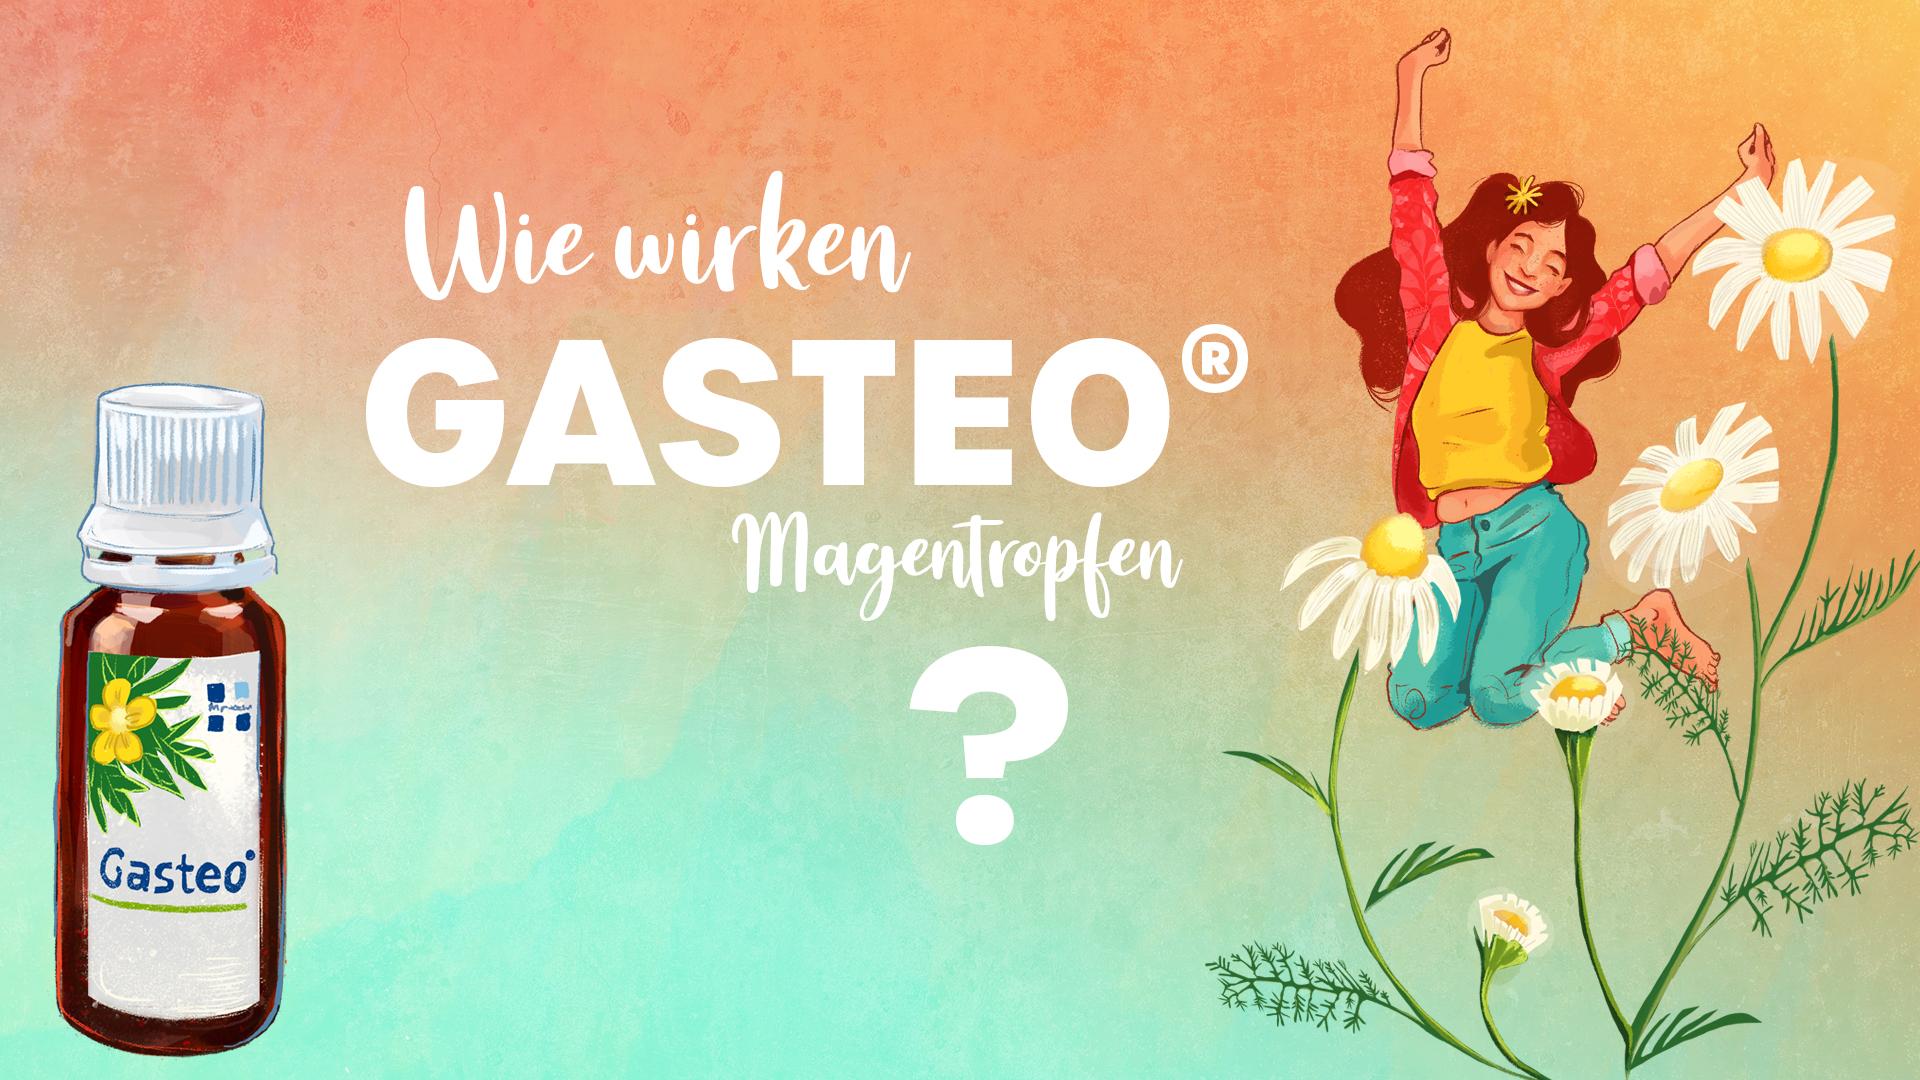 Gasteo